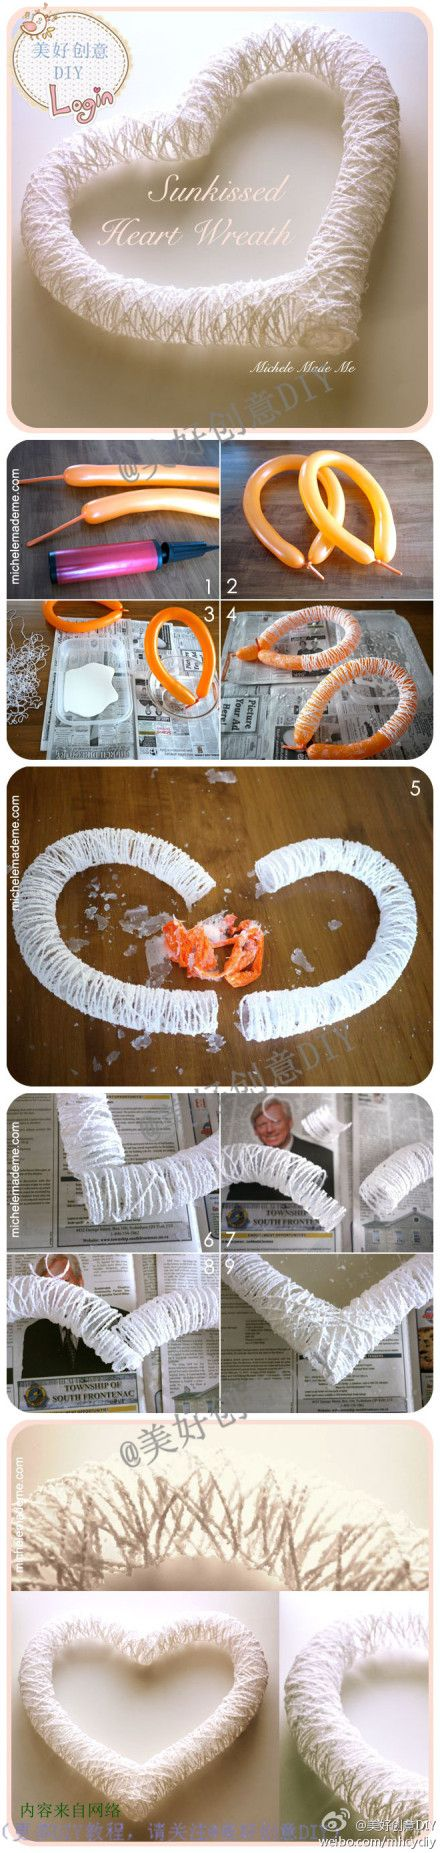 心形挂环DIY教程!——更多有趣内容,请关注